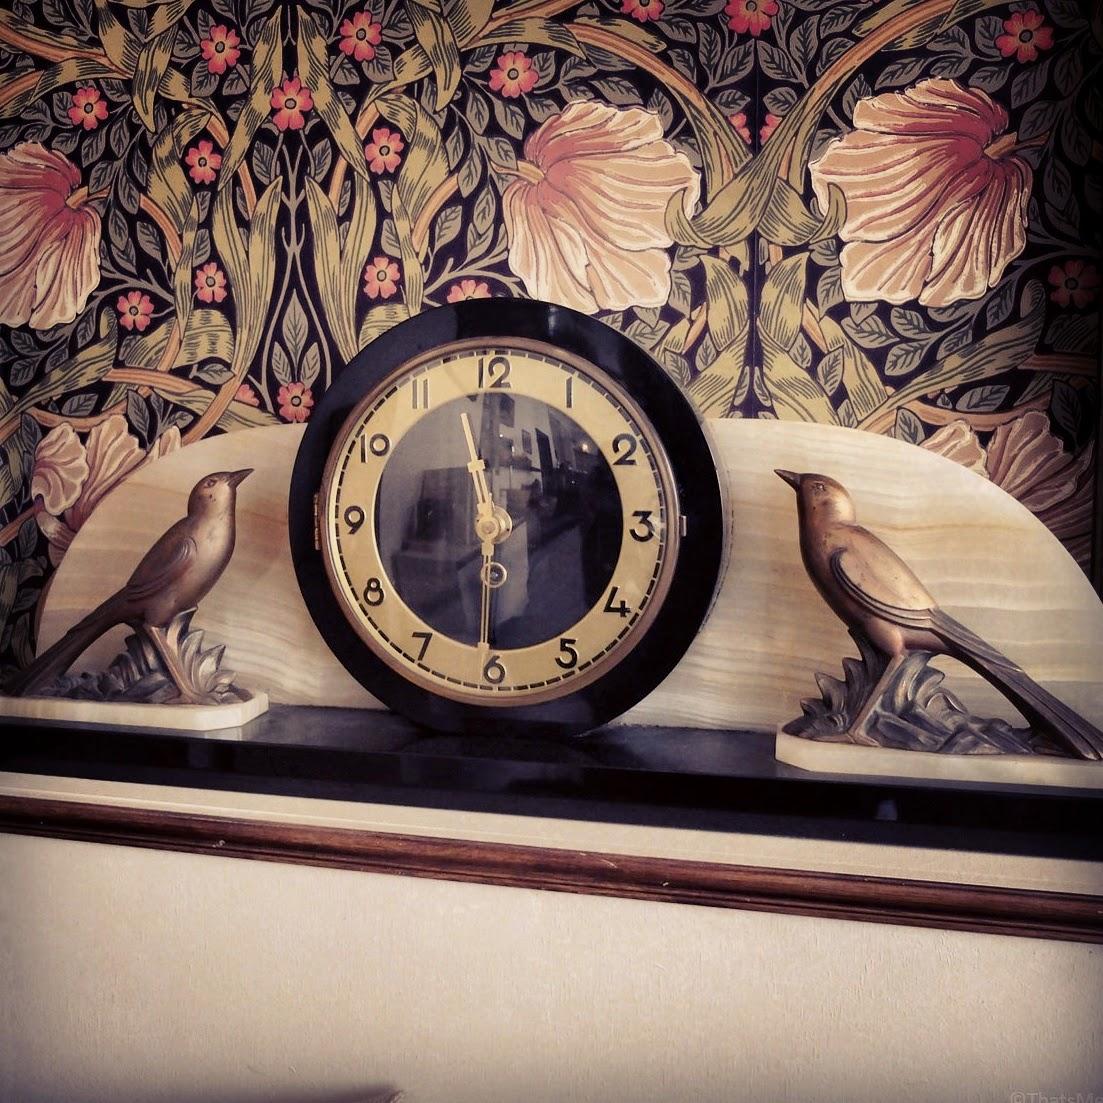 La Chambre Aux Oiseaux brunch Canal Saint-Martin Paris, La chambre aux oiseaux déco papier peint old school fleur grand-mère, déco pendule oiseaux vintage brocante La Chambre Aux Oiseaux